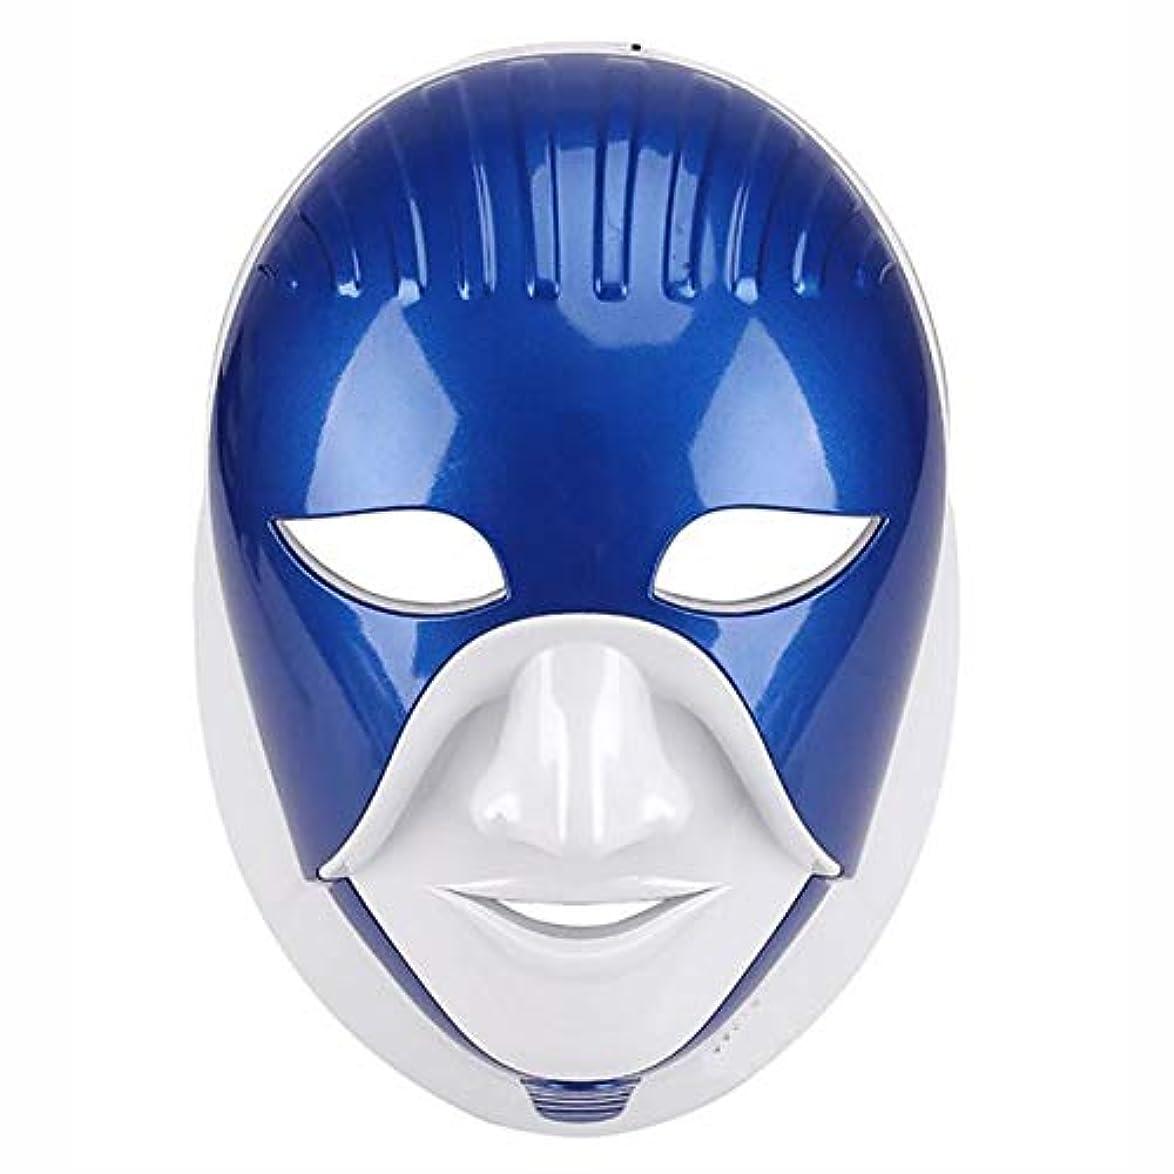 面倒哺乳類痛みLEDフェイスマスク治療マスク充電式7色Ledフェイシャルマスクスキンケアの顔の首のケア、CE承認(アルミボックス),ブルー